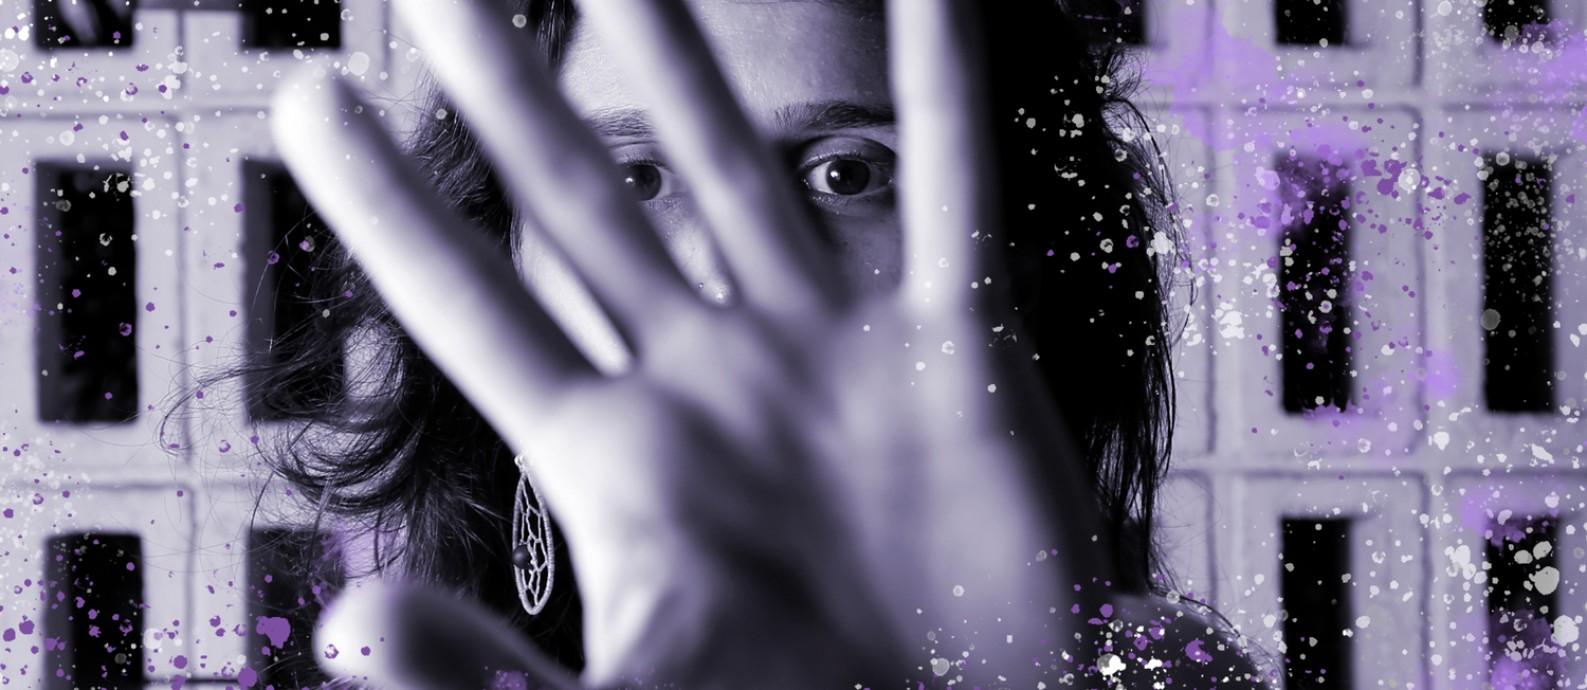 Levantamento feito pelo Instituto de Segurança Pública (ISP) mostra que 6.662 mulheres foram vítimas de violência sexual em 2019 no Rio de Janeiro Foto: Fábio Rossi / Fábio Rossi